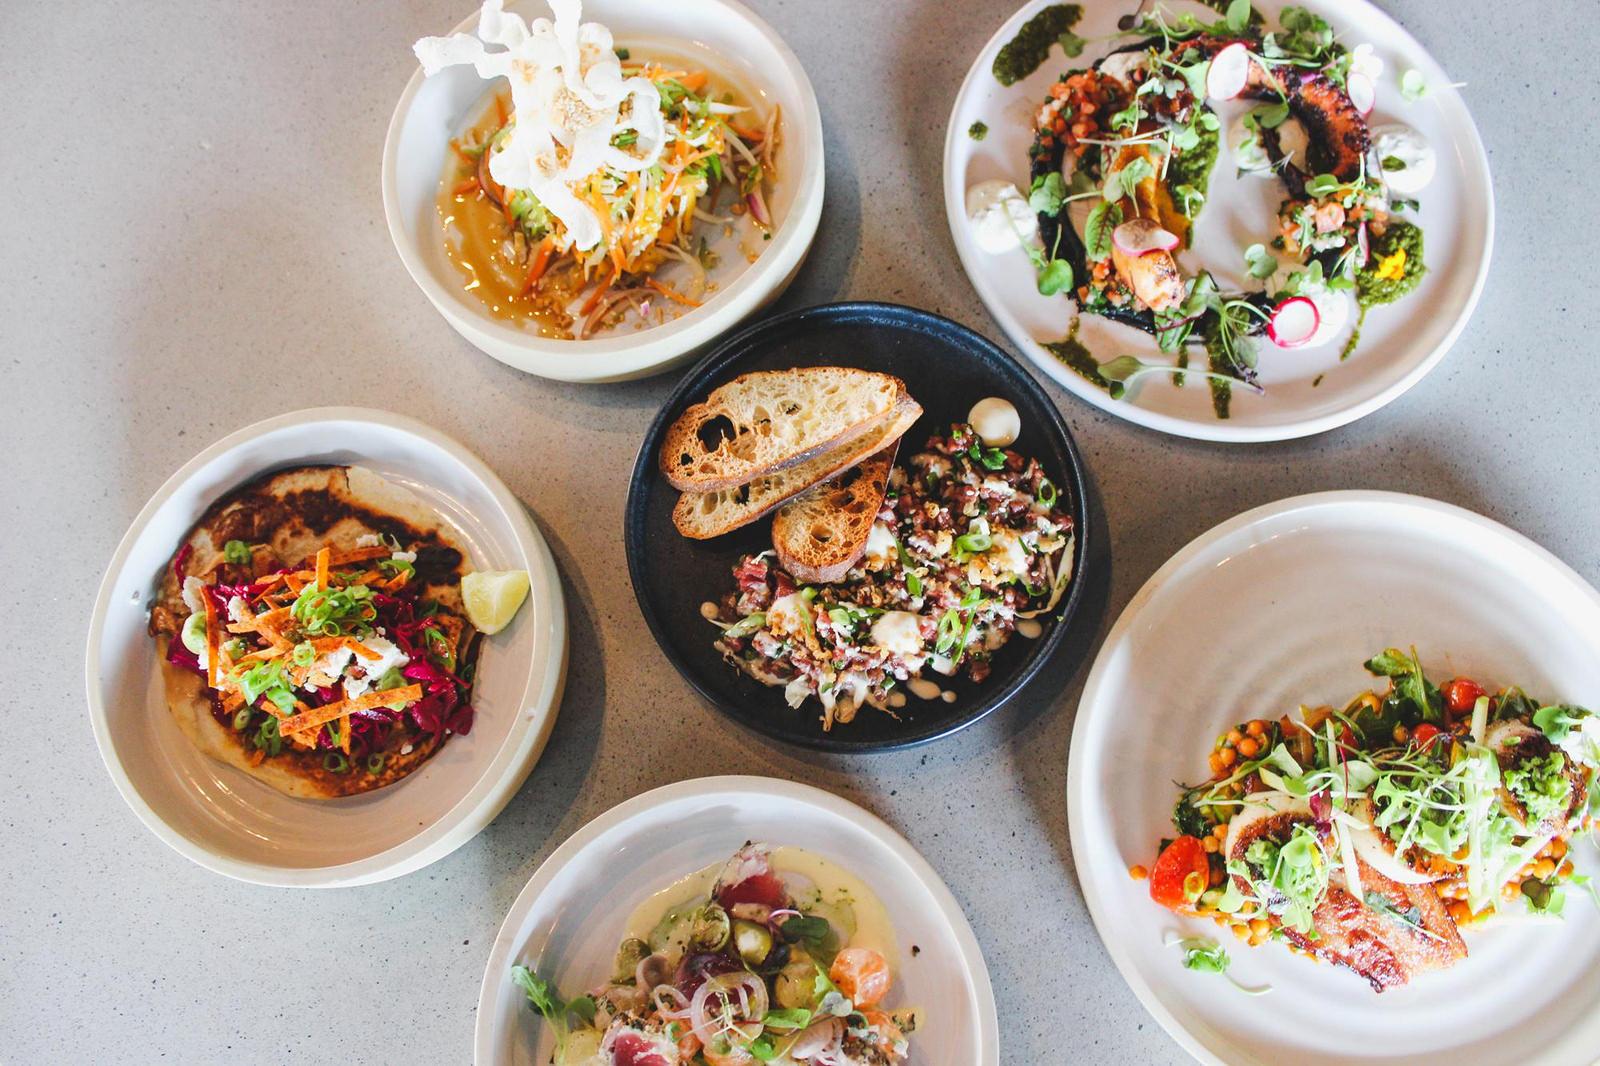 Le Catch restaurant bouffe menu aliment nourriture Montréal